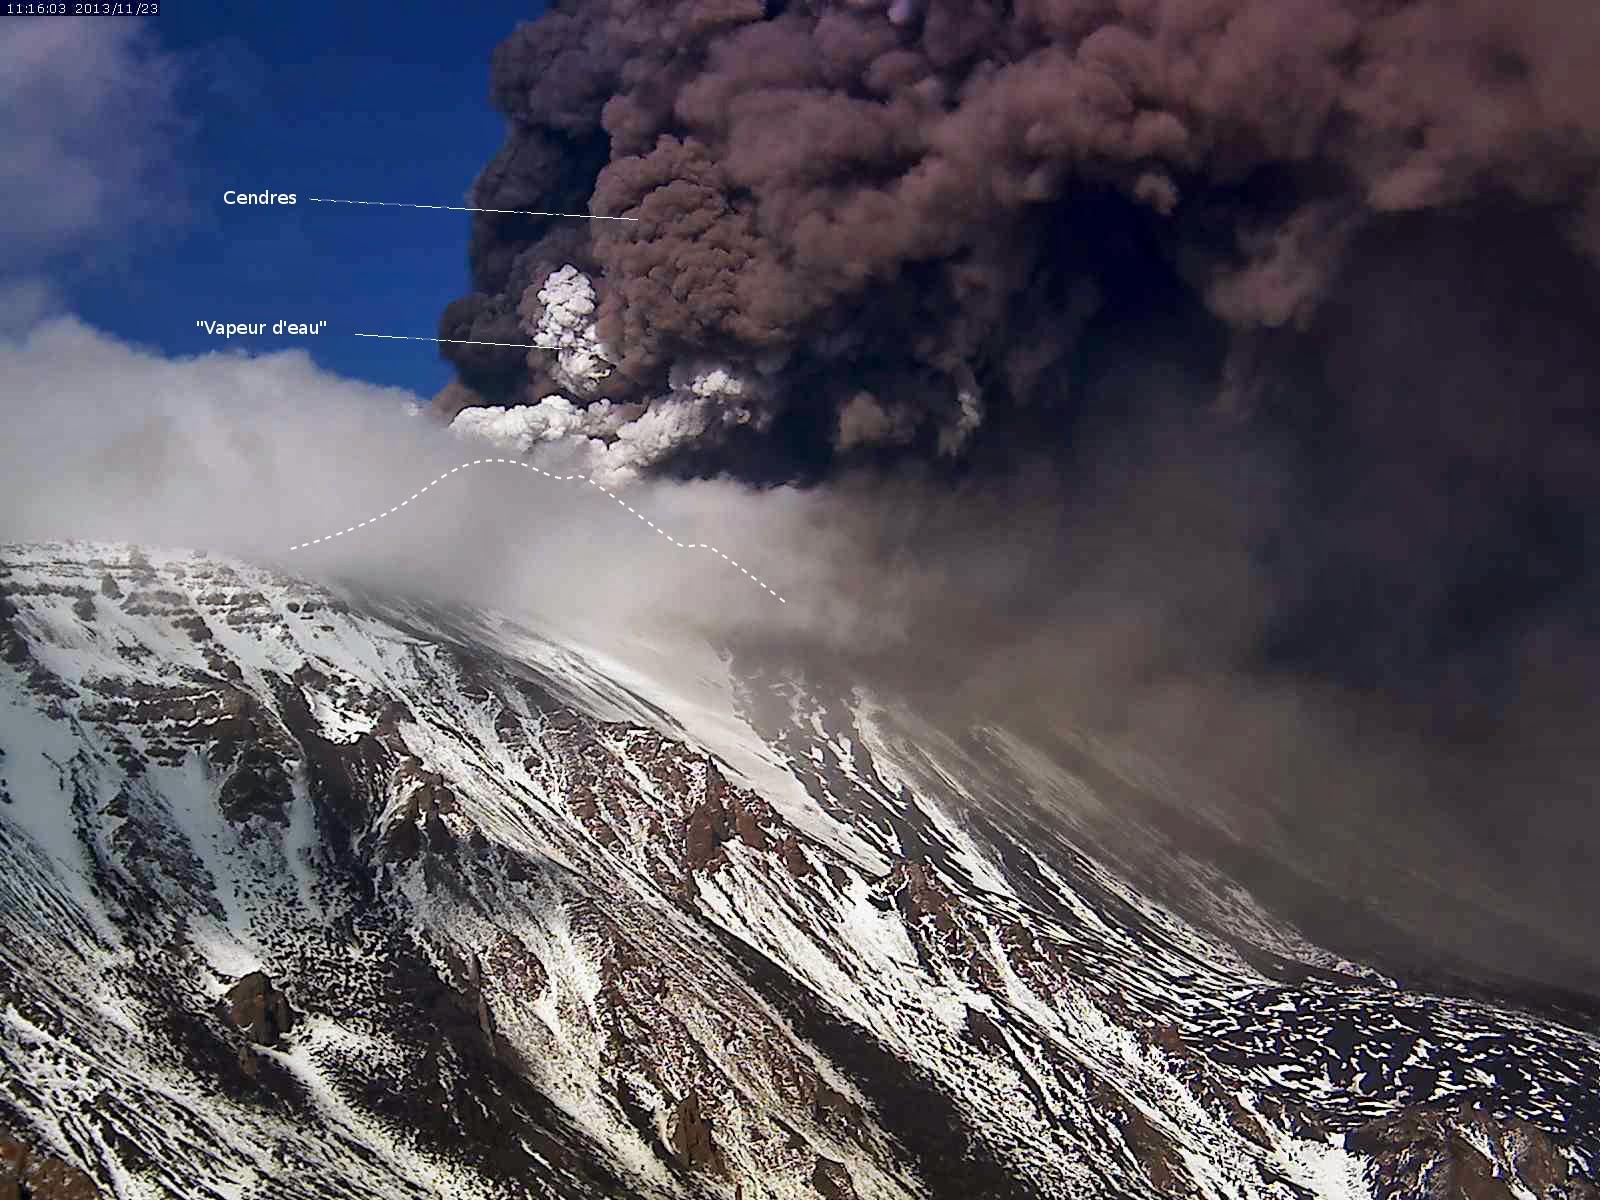 Activité paroxysmale du volcan Etna, 23 novembre 2013